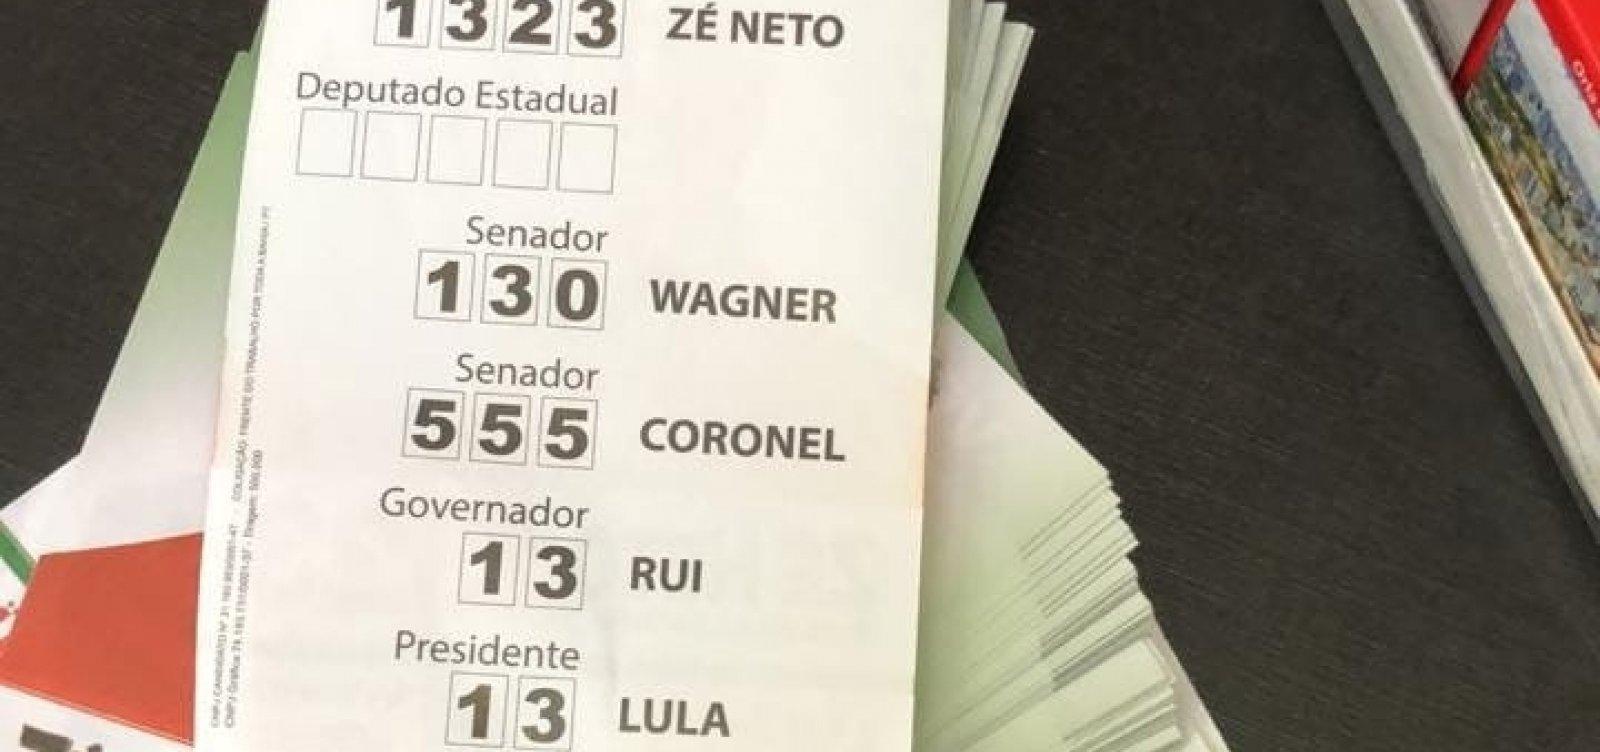 [Juíza determina busca e apreensão de mais de 2 milhões de santinhos com Lula na Bahia]